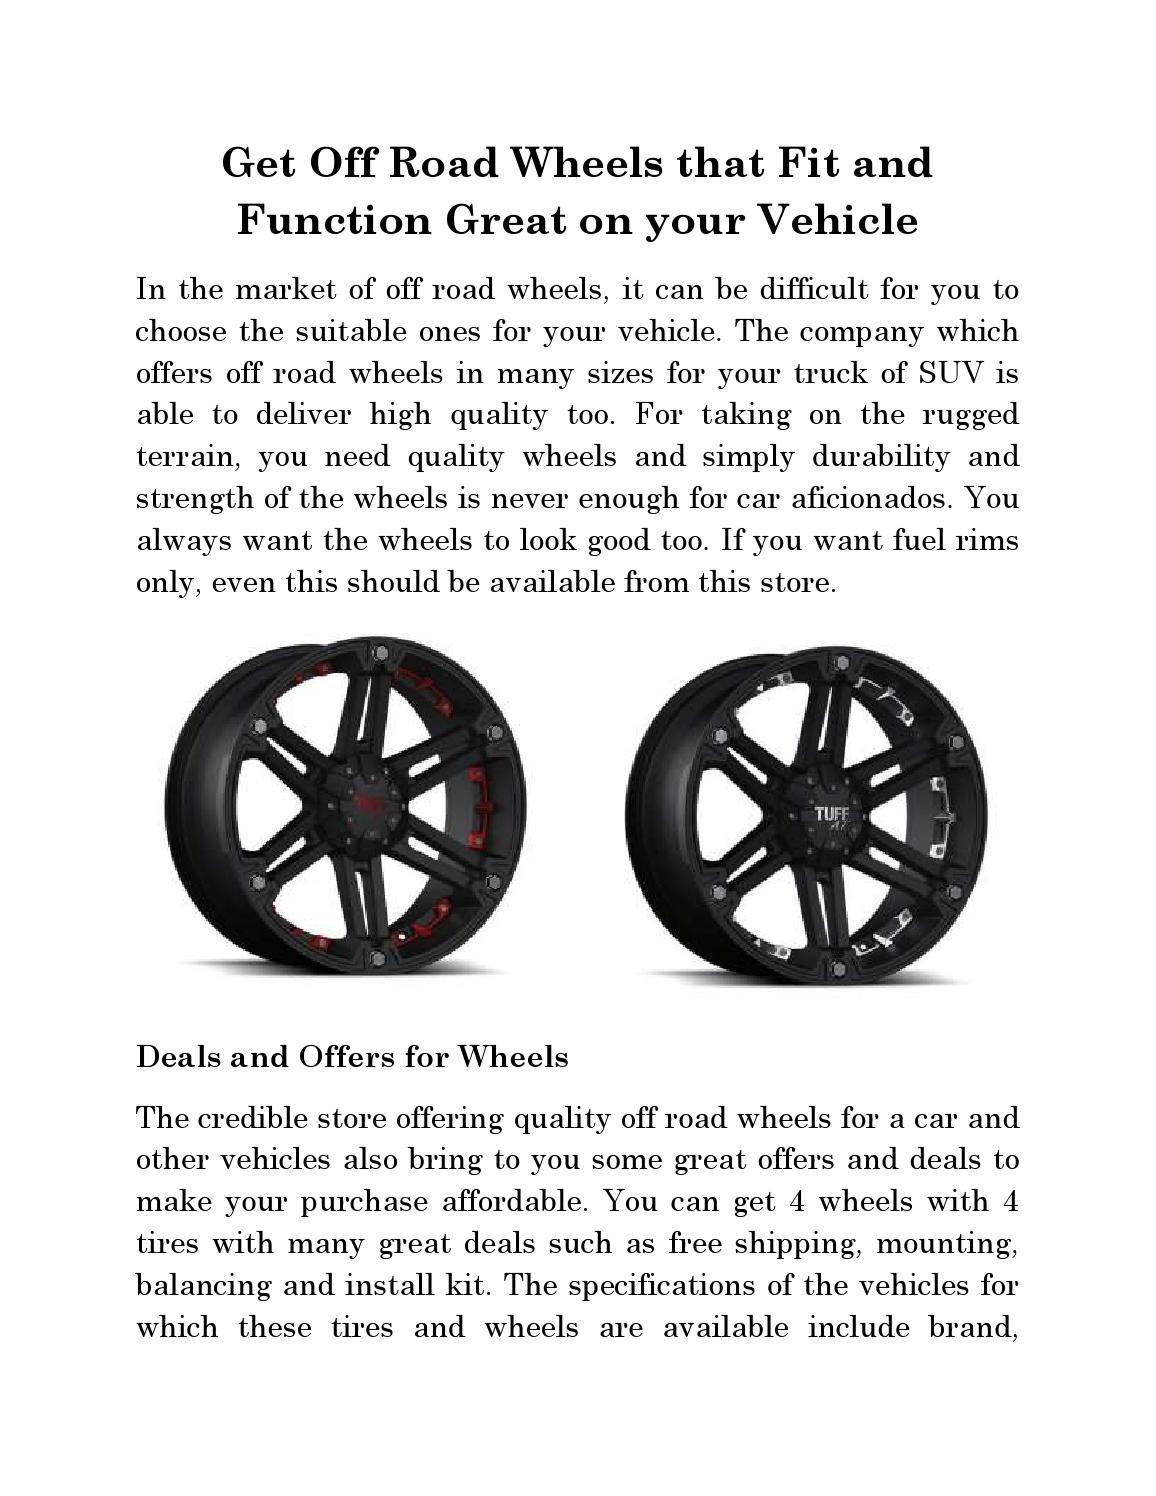 off road wheel deals